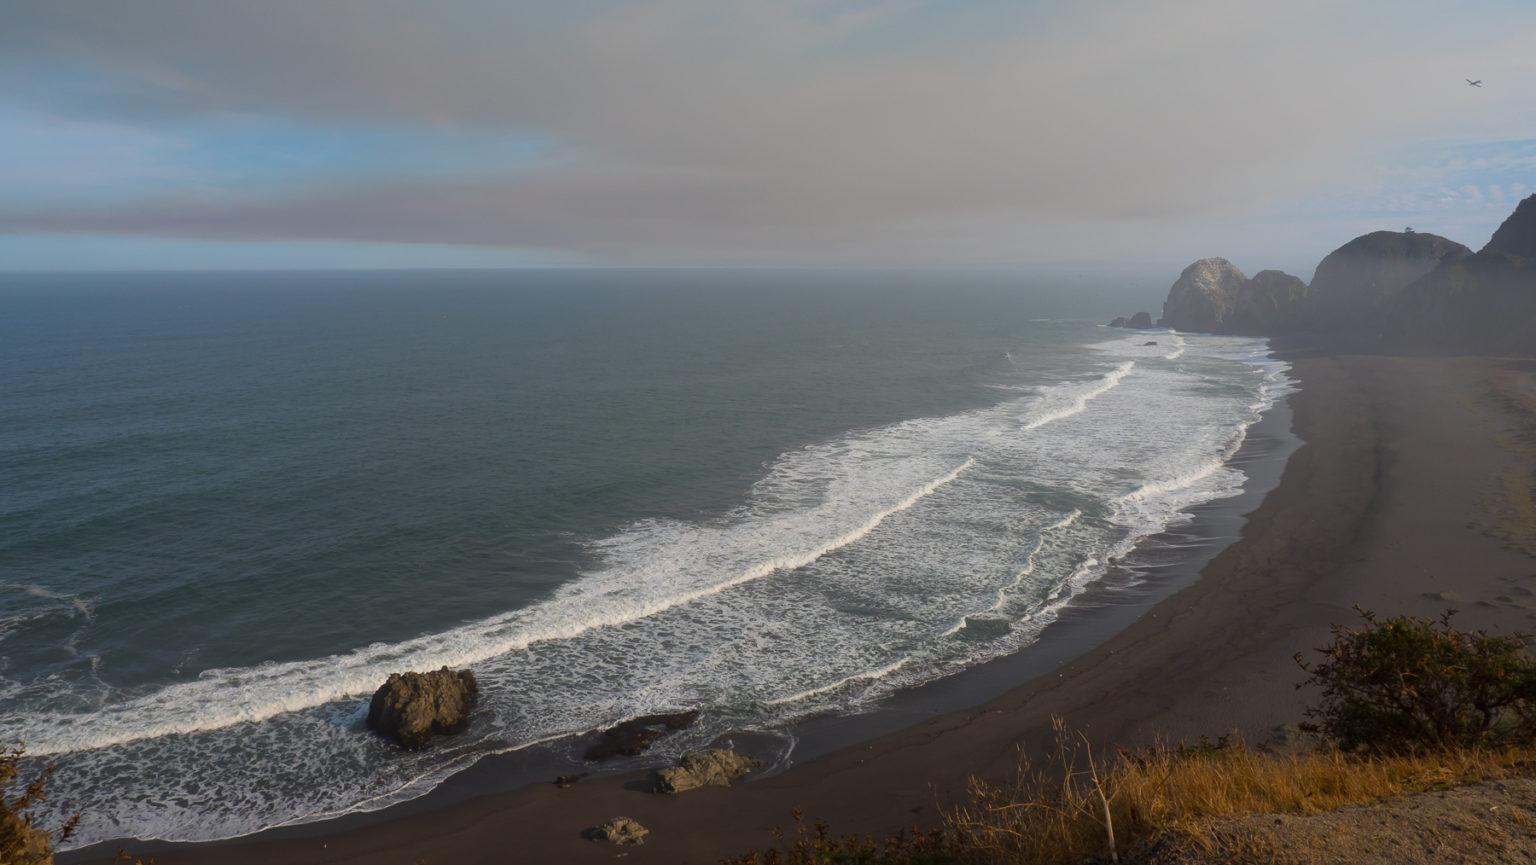 Letzter Blick auf den Pazifik